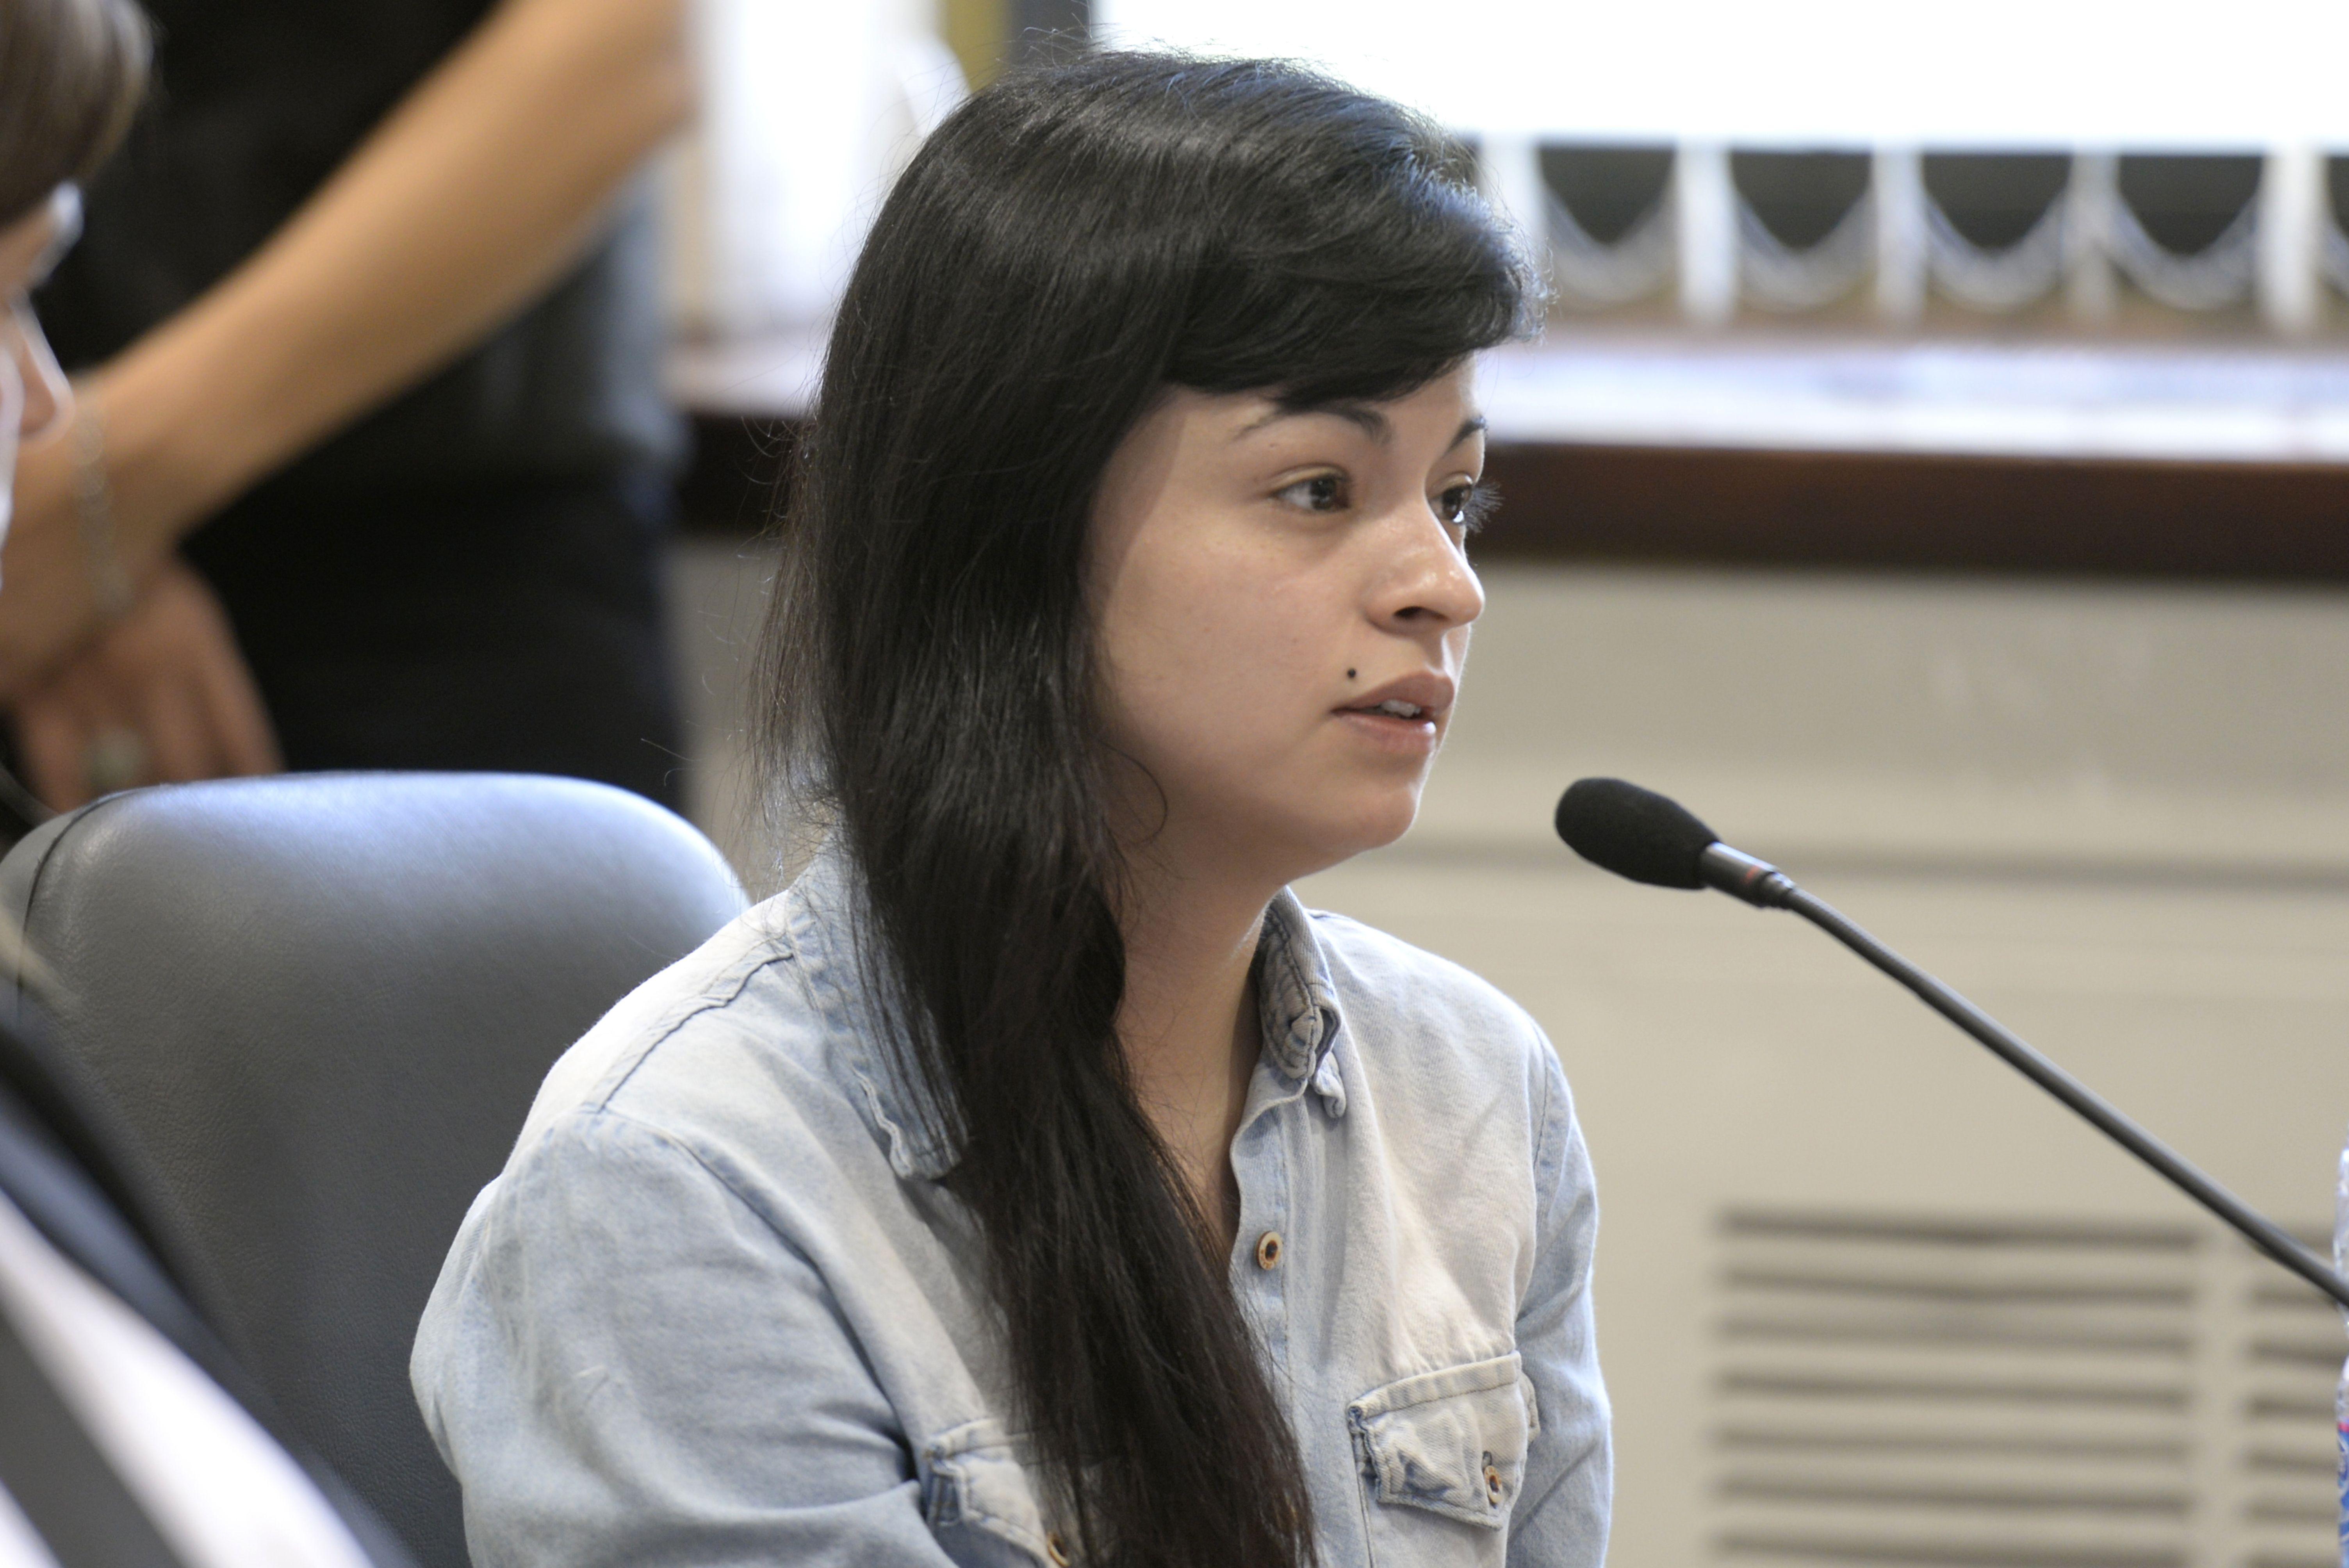 Rocío Quiroz tiene 22 años y una figura menuda. Ayer dio su testimonio con tranquilidad y voz suave. (C.M.Lovera)